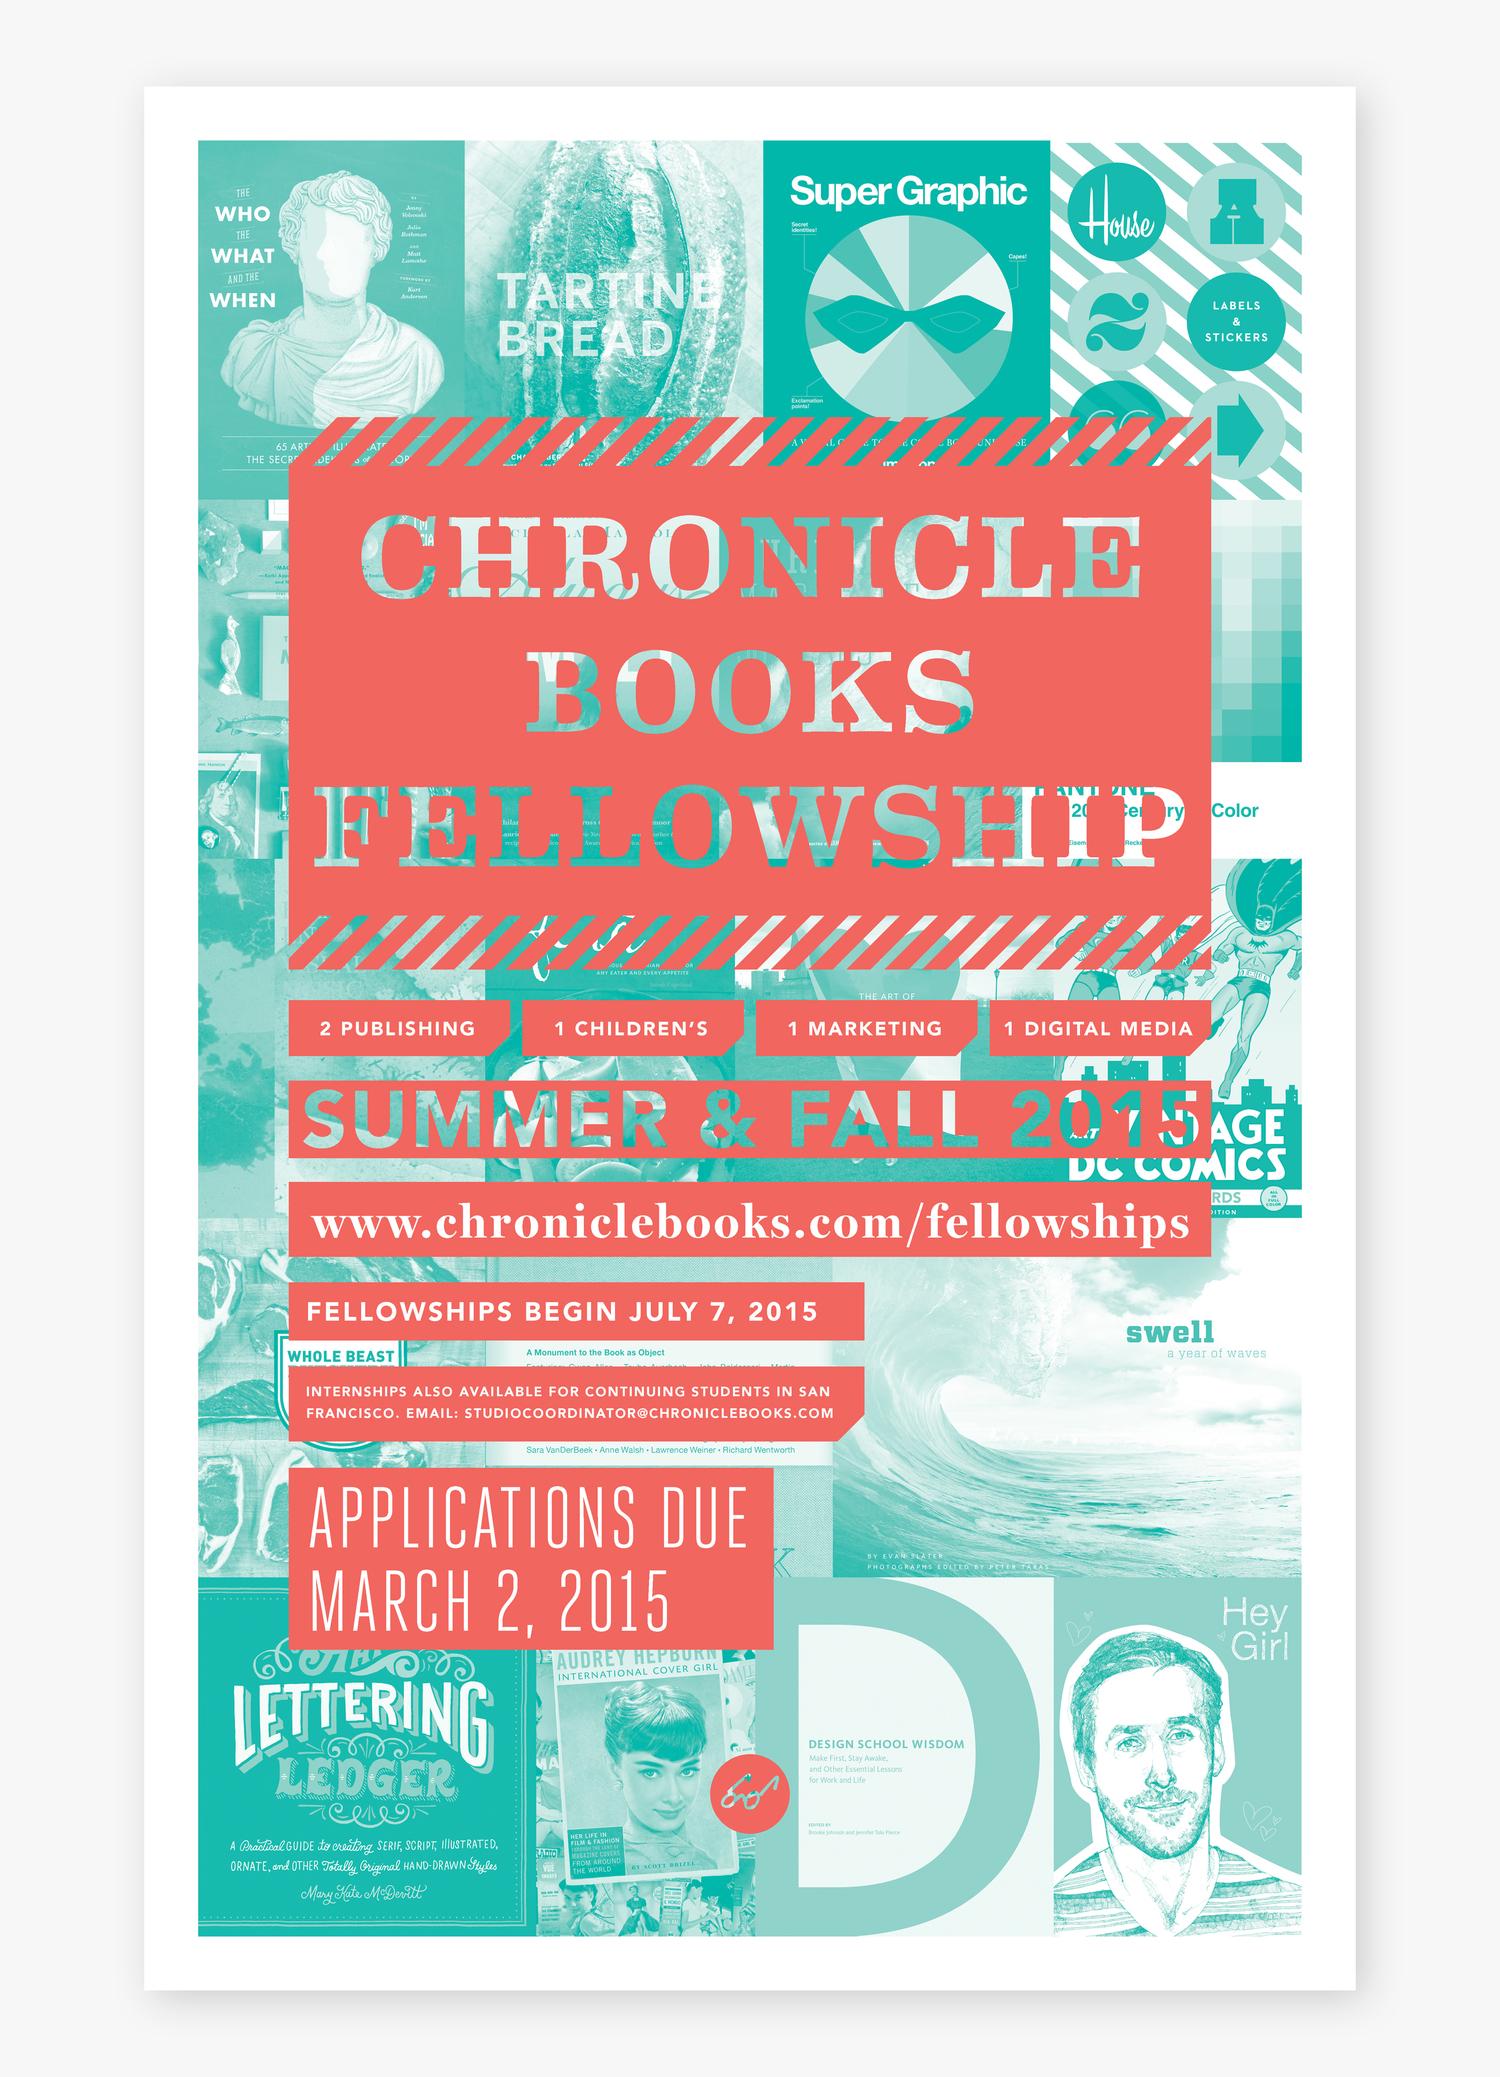 2 color poster design - Chronicleposter_1 Jpg